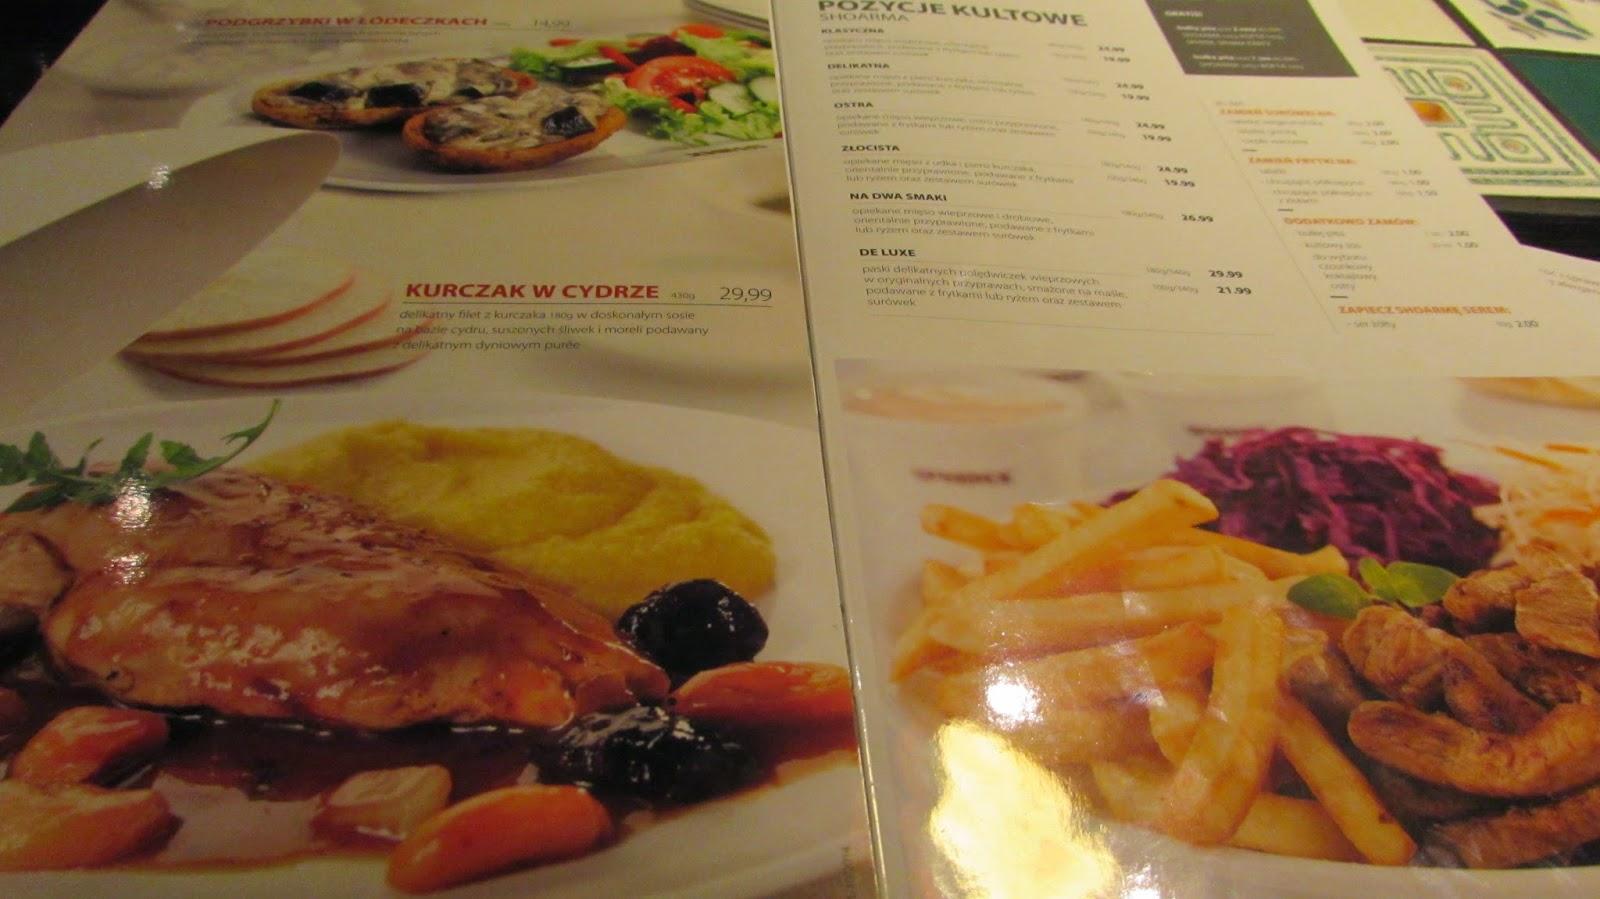 potrawy z menu restauracji